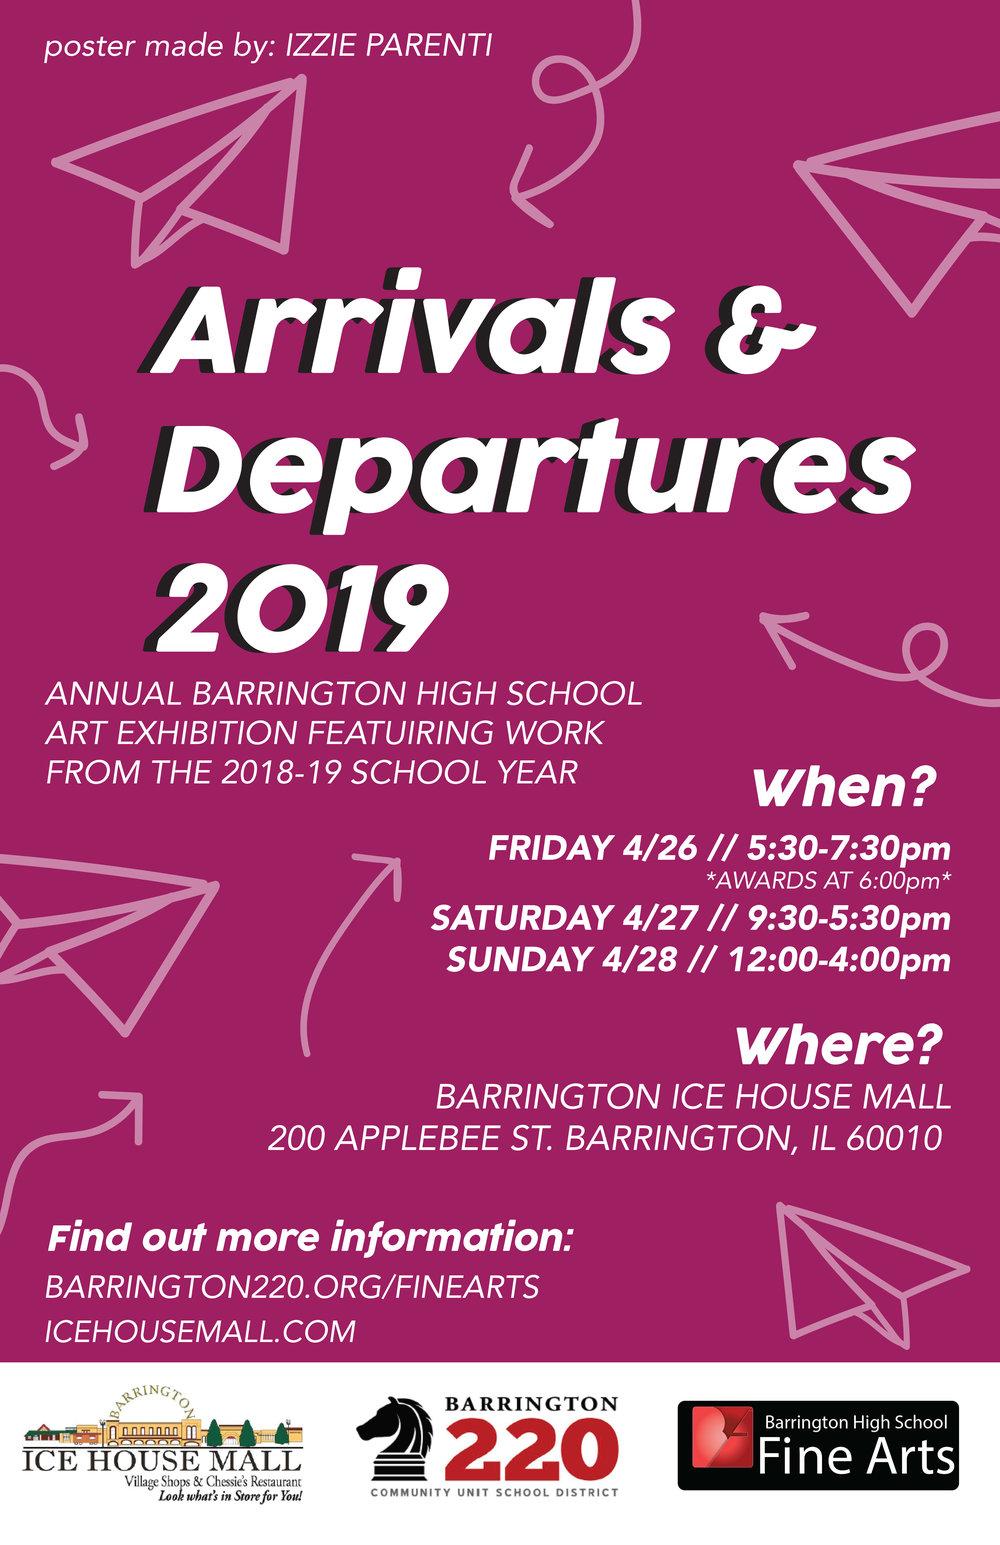 arrivals&departures2019-2 (1).jpg